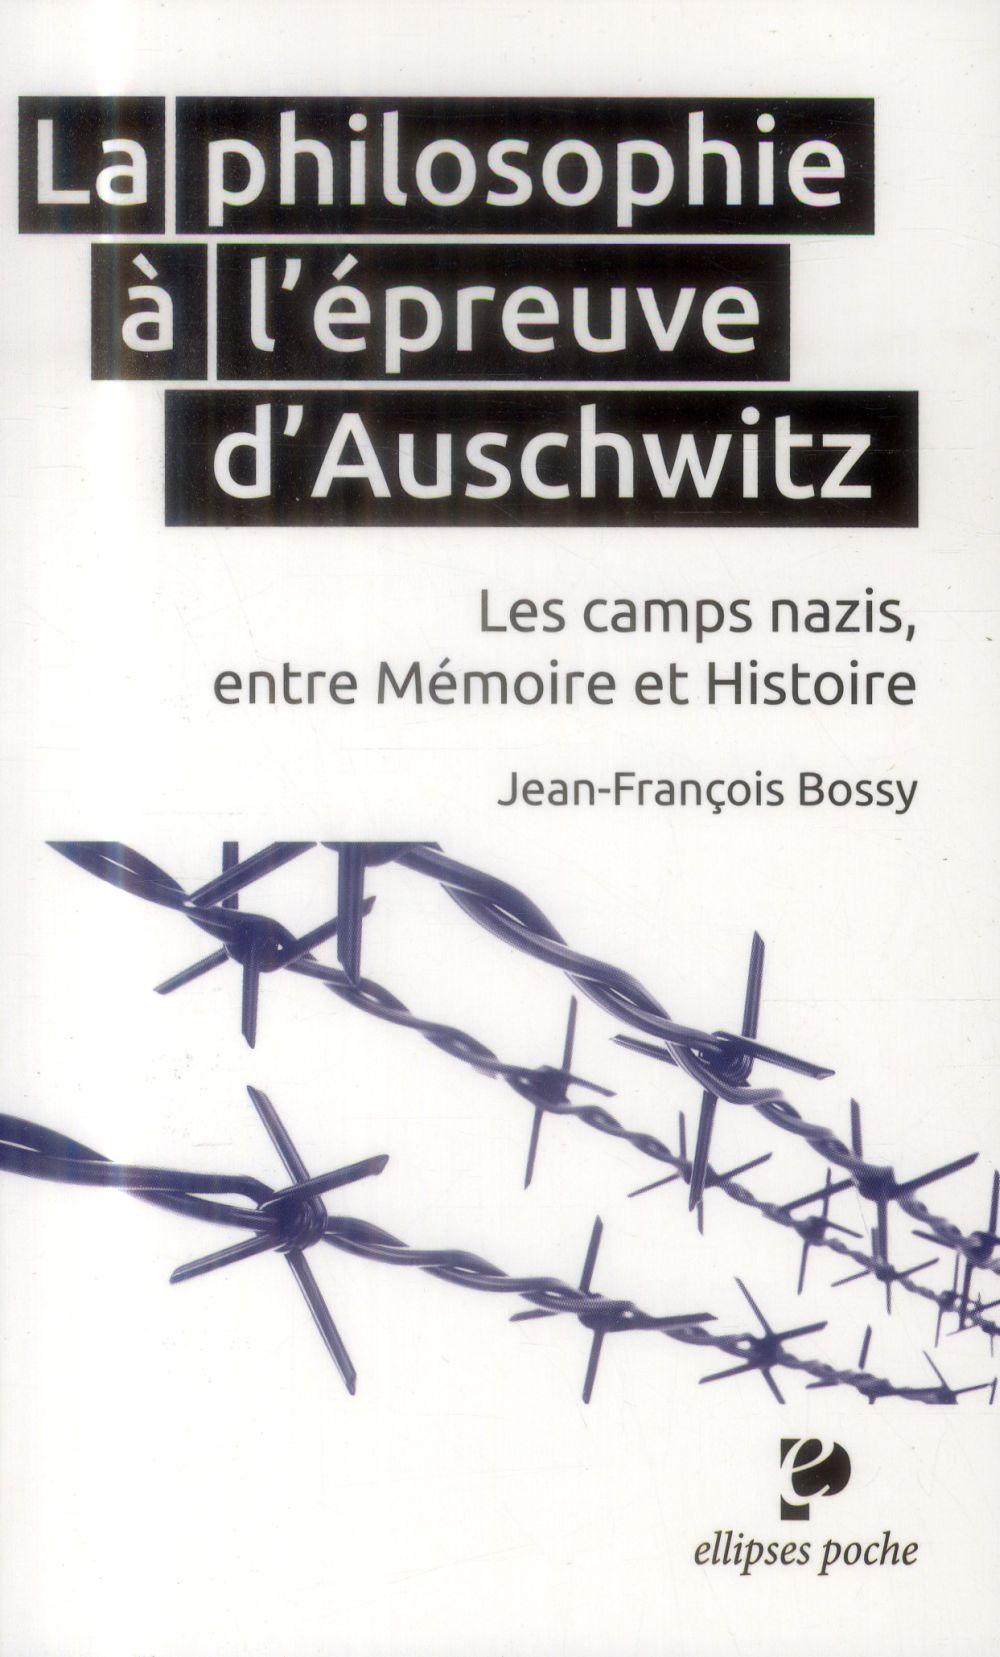 La_Philosophie_a_l_epreuve_d_Auschwitz